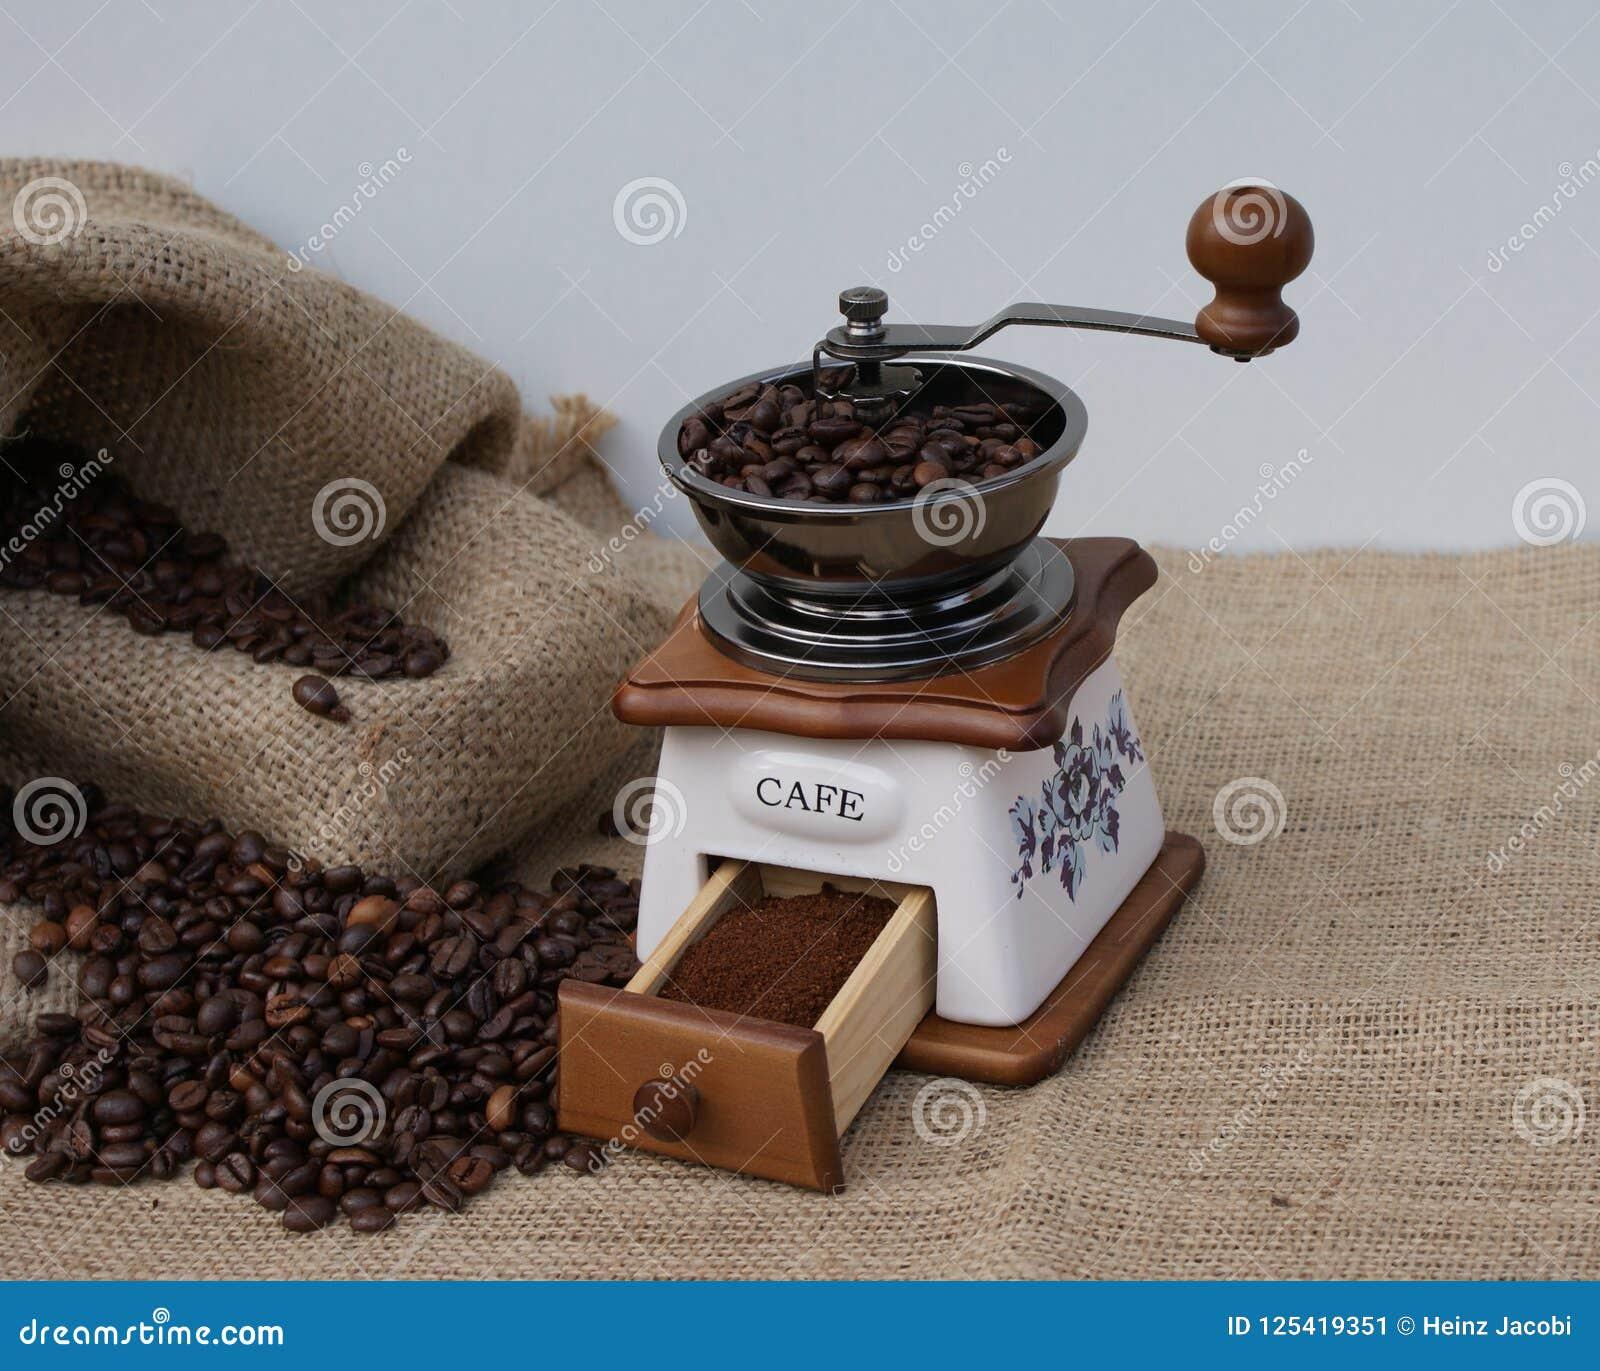 Frisch geriebener Bohnenkaffee auf die traditionelle Art in einer alten Kaffeemühle